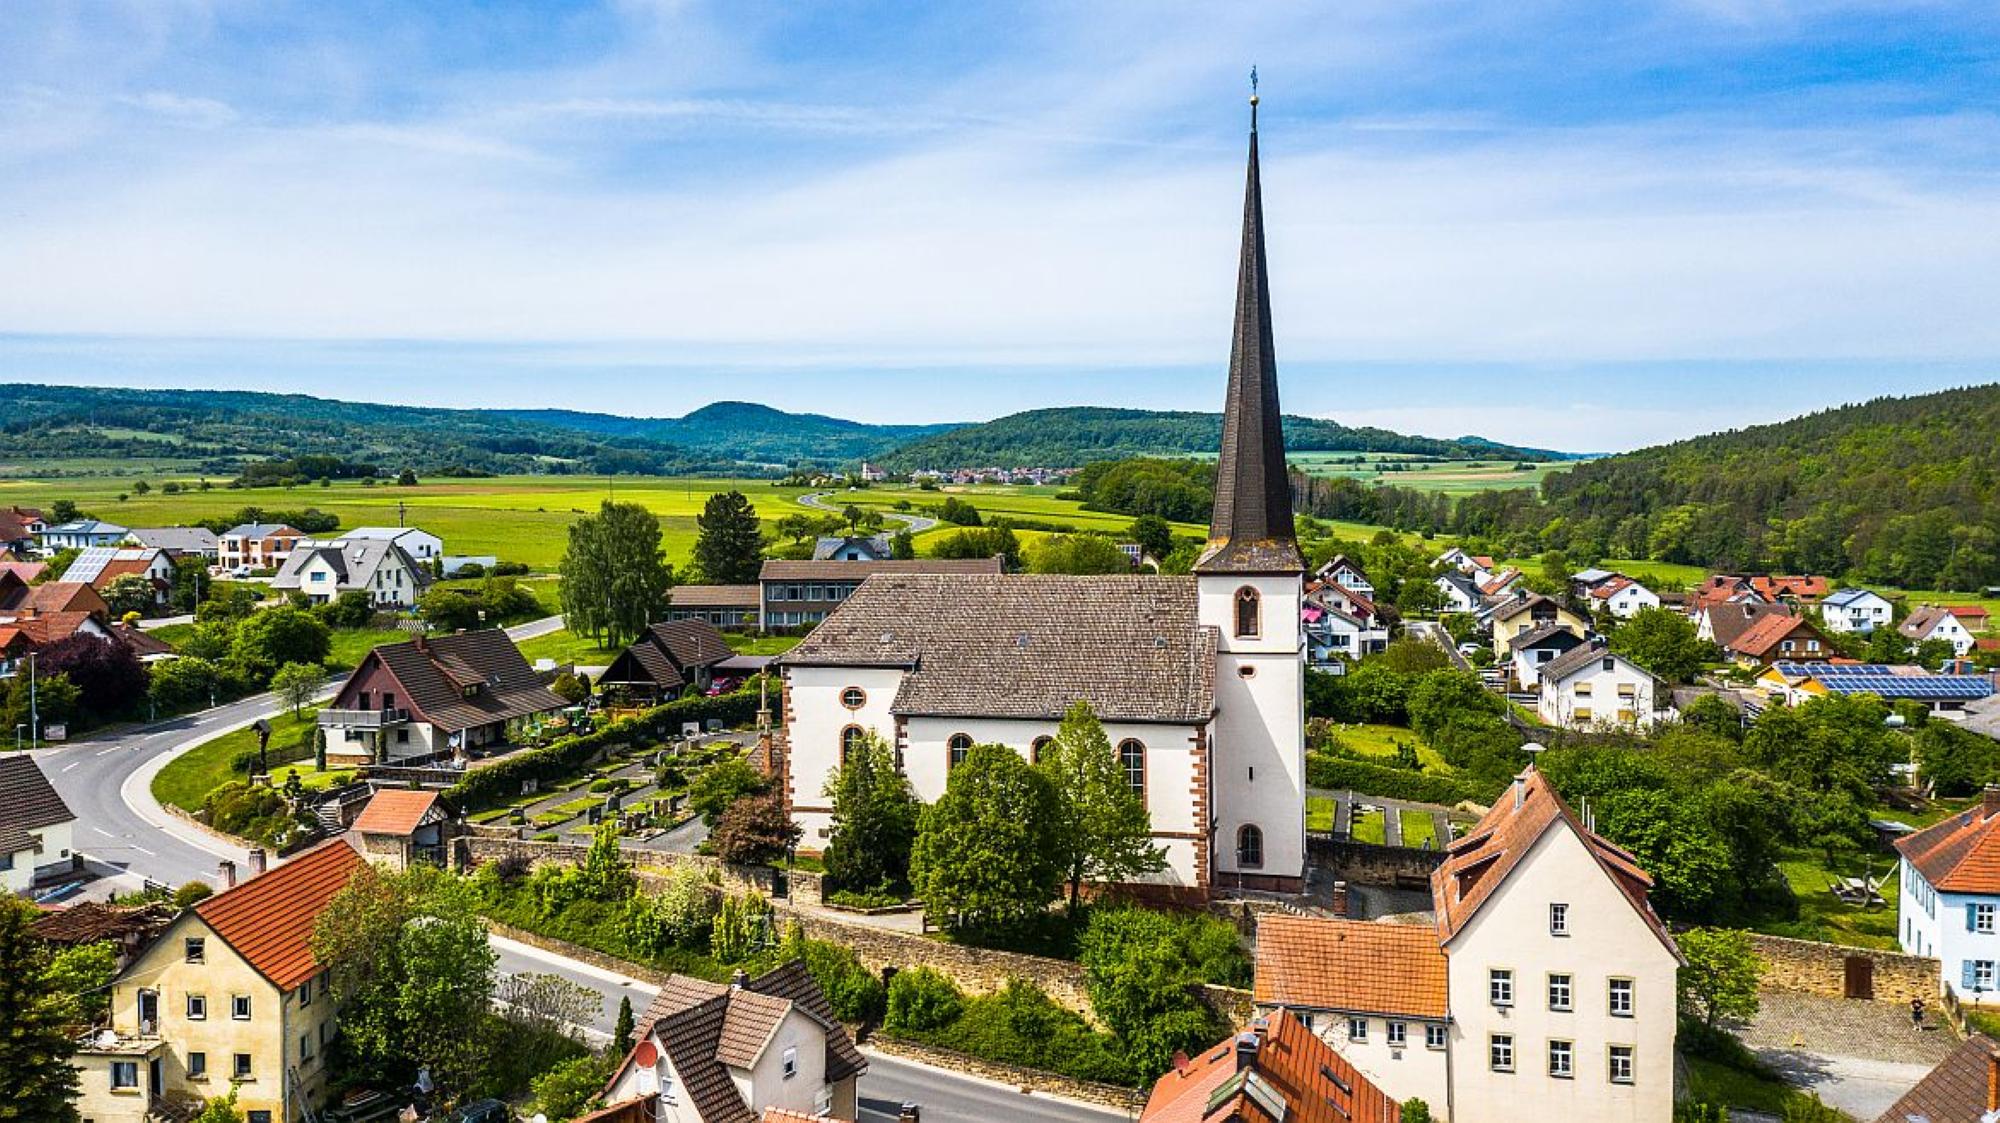 Unterelsbach